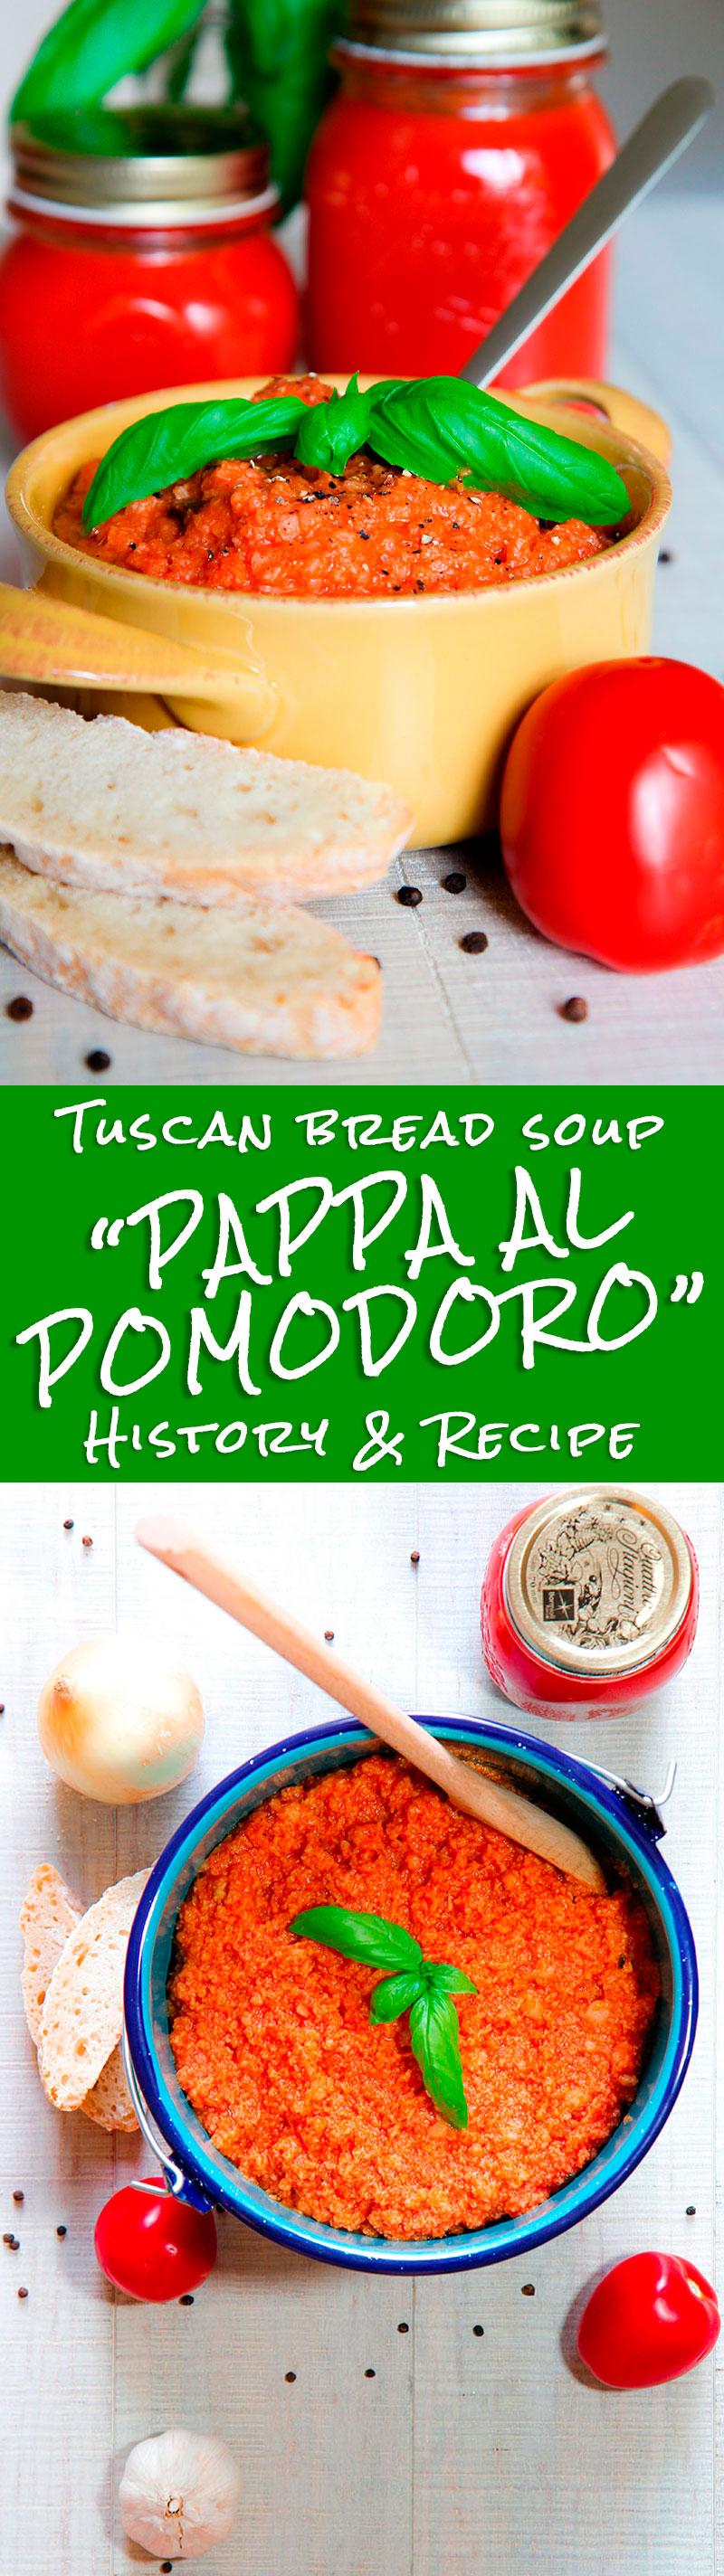 PAPPA AL POMODORO HISTORY AND RECIPE - Tuscan tomato and bread soup